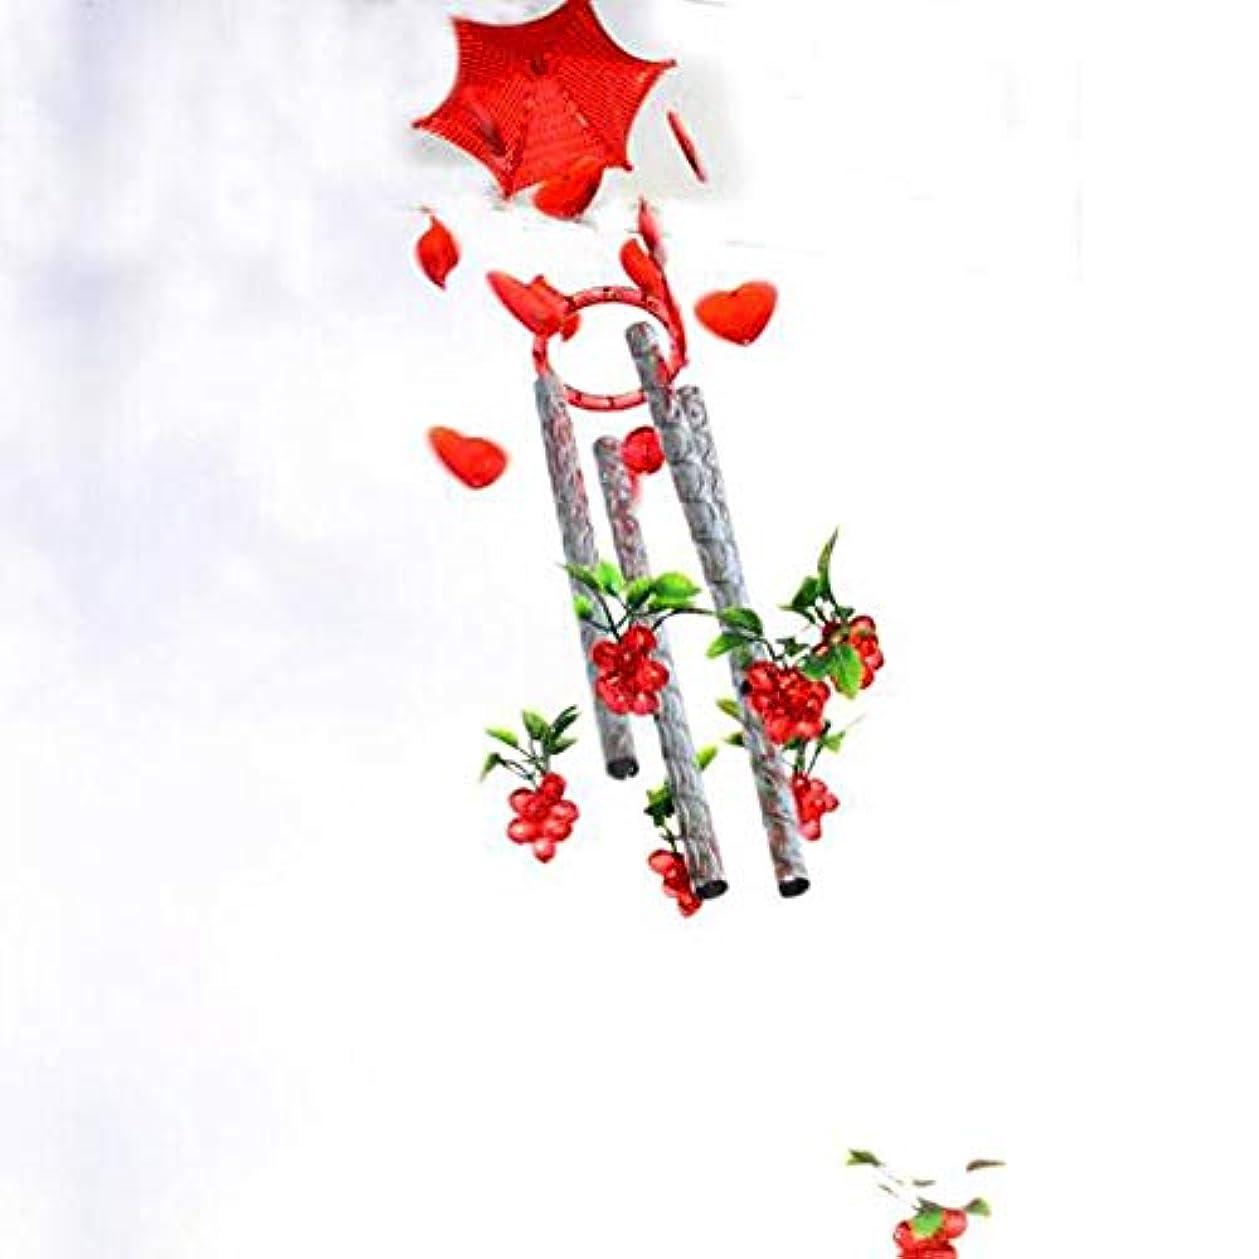 噛むご飯世紀Aishanghuayi 風チャイム、プラスチック金属の庭ブドウ風の鐘、ブルー、全身について80CM,ファッションオーナメント (Color : Red)